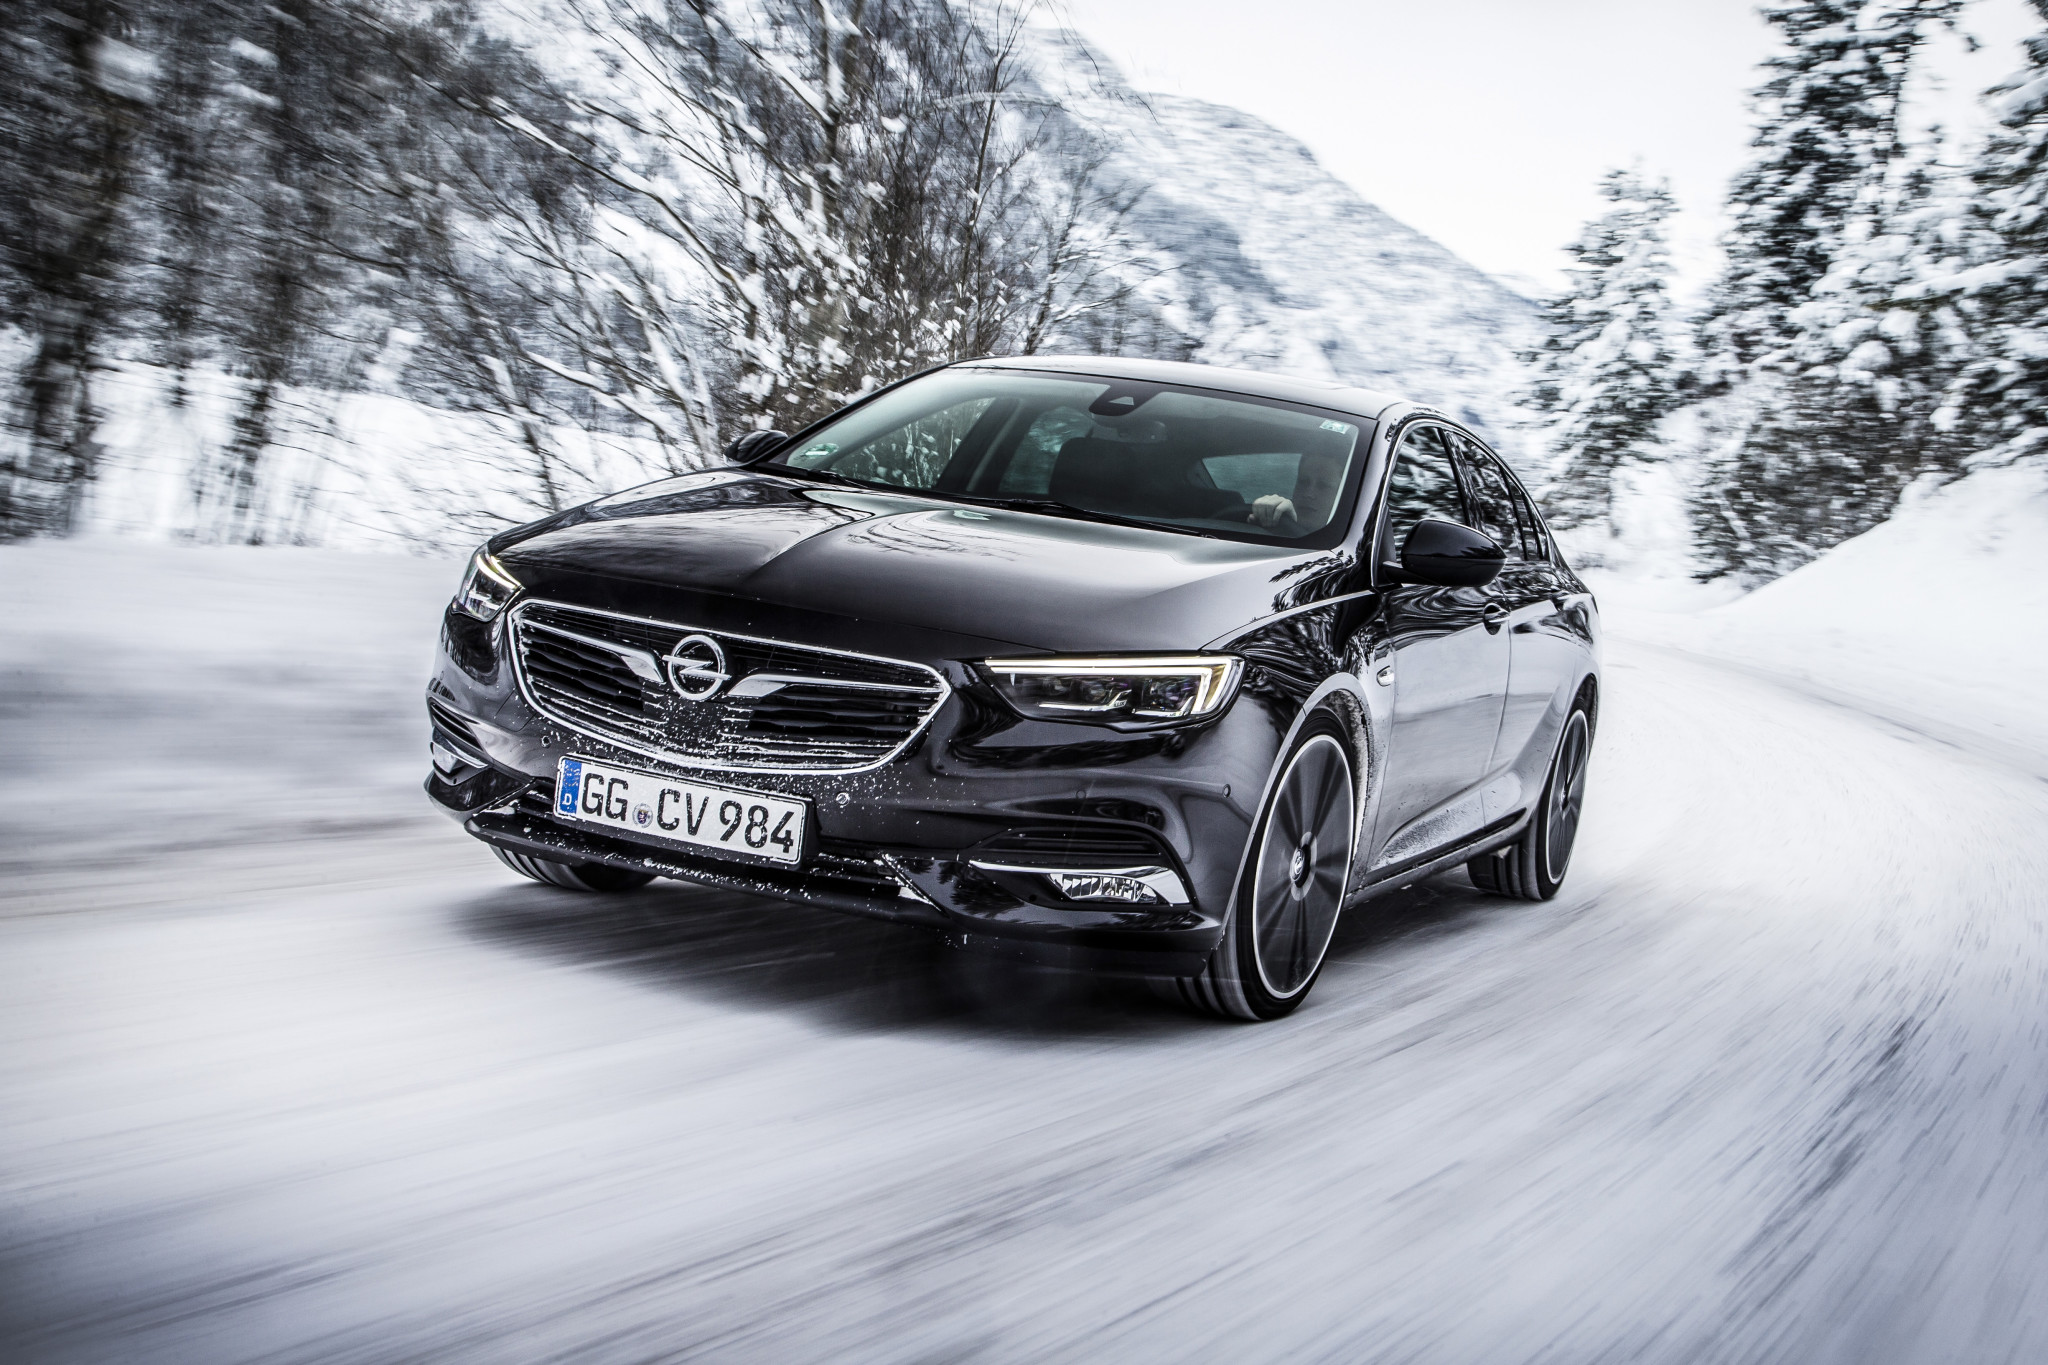 Nowa Insignia 4x4 oferuje optymalną dynamikę, łatwość prowadzenia i znakomite właściwości jezdne w każdej sytuacji